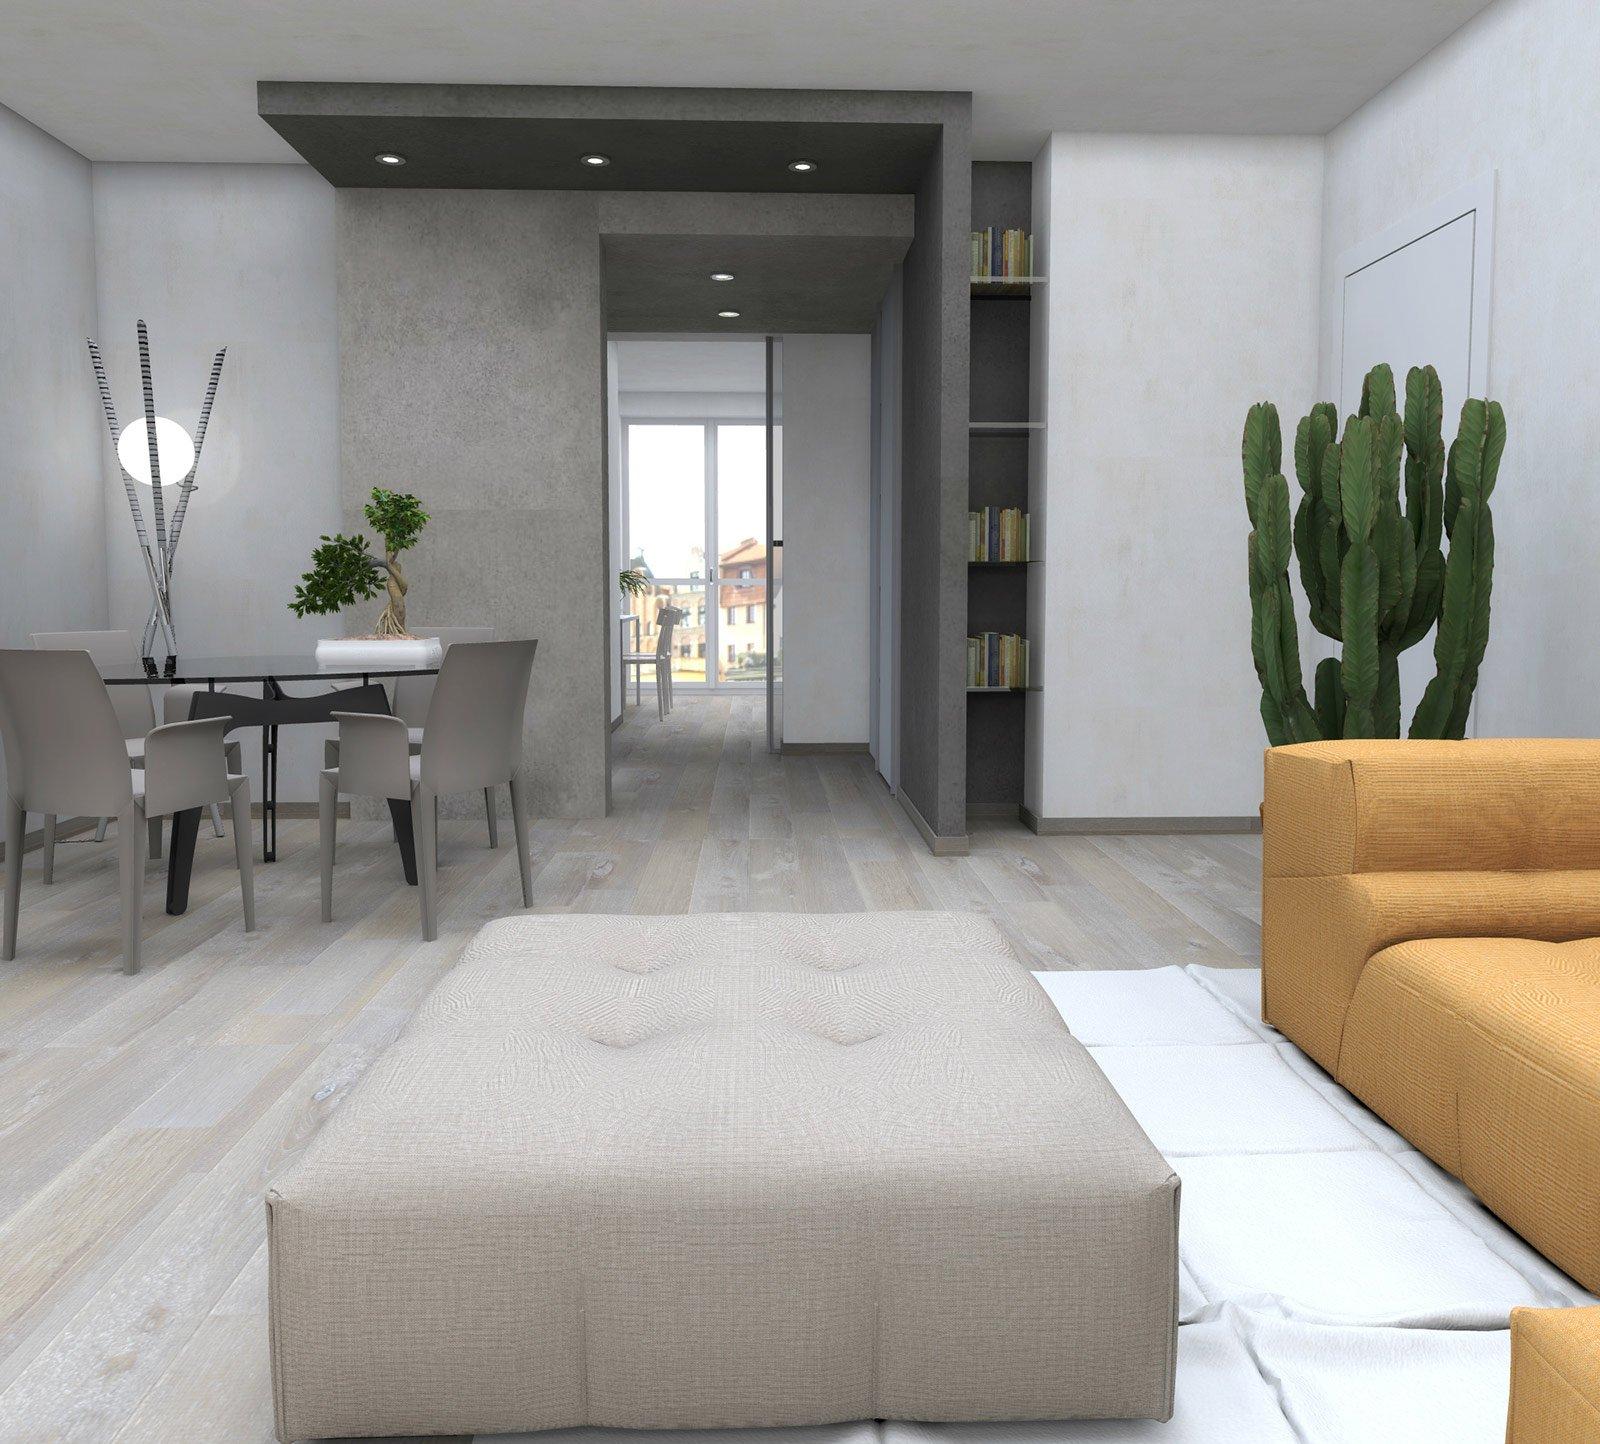 Zona Giorno Contemporanea. Progetto Con Pianta E Prospetti In 3D  #976E34 1600 1444 Sala Da Pranzo Luxury